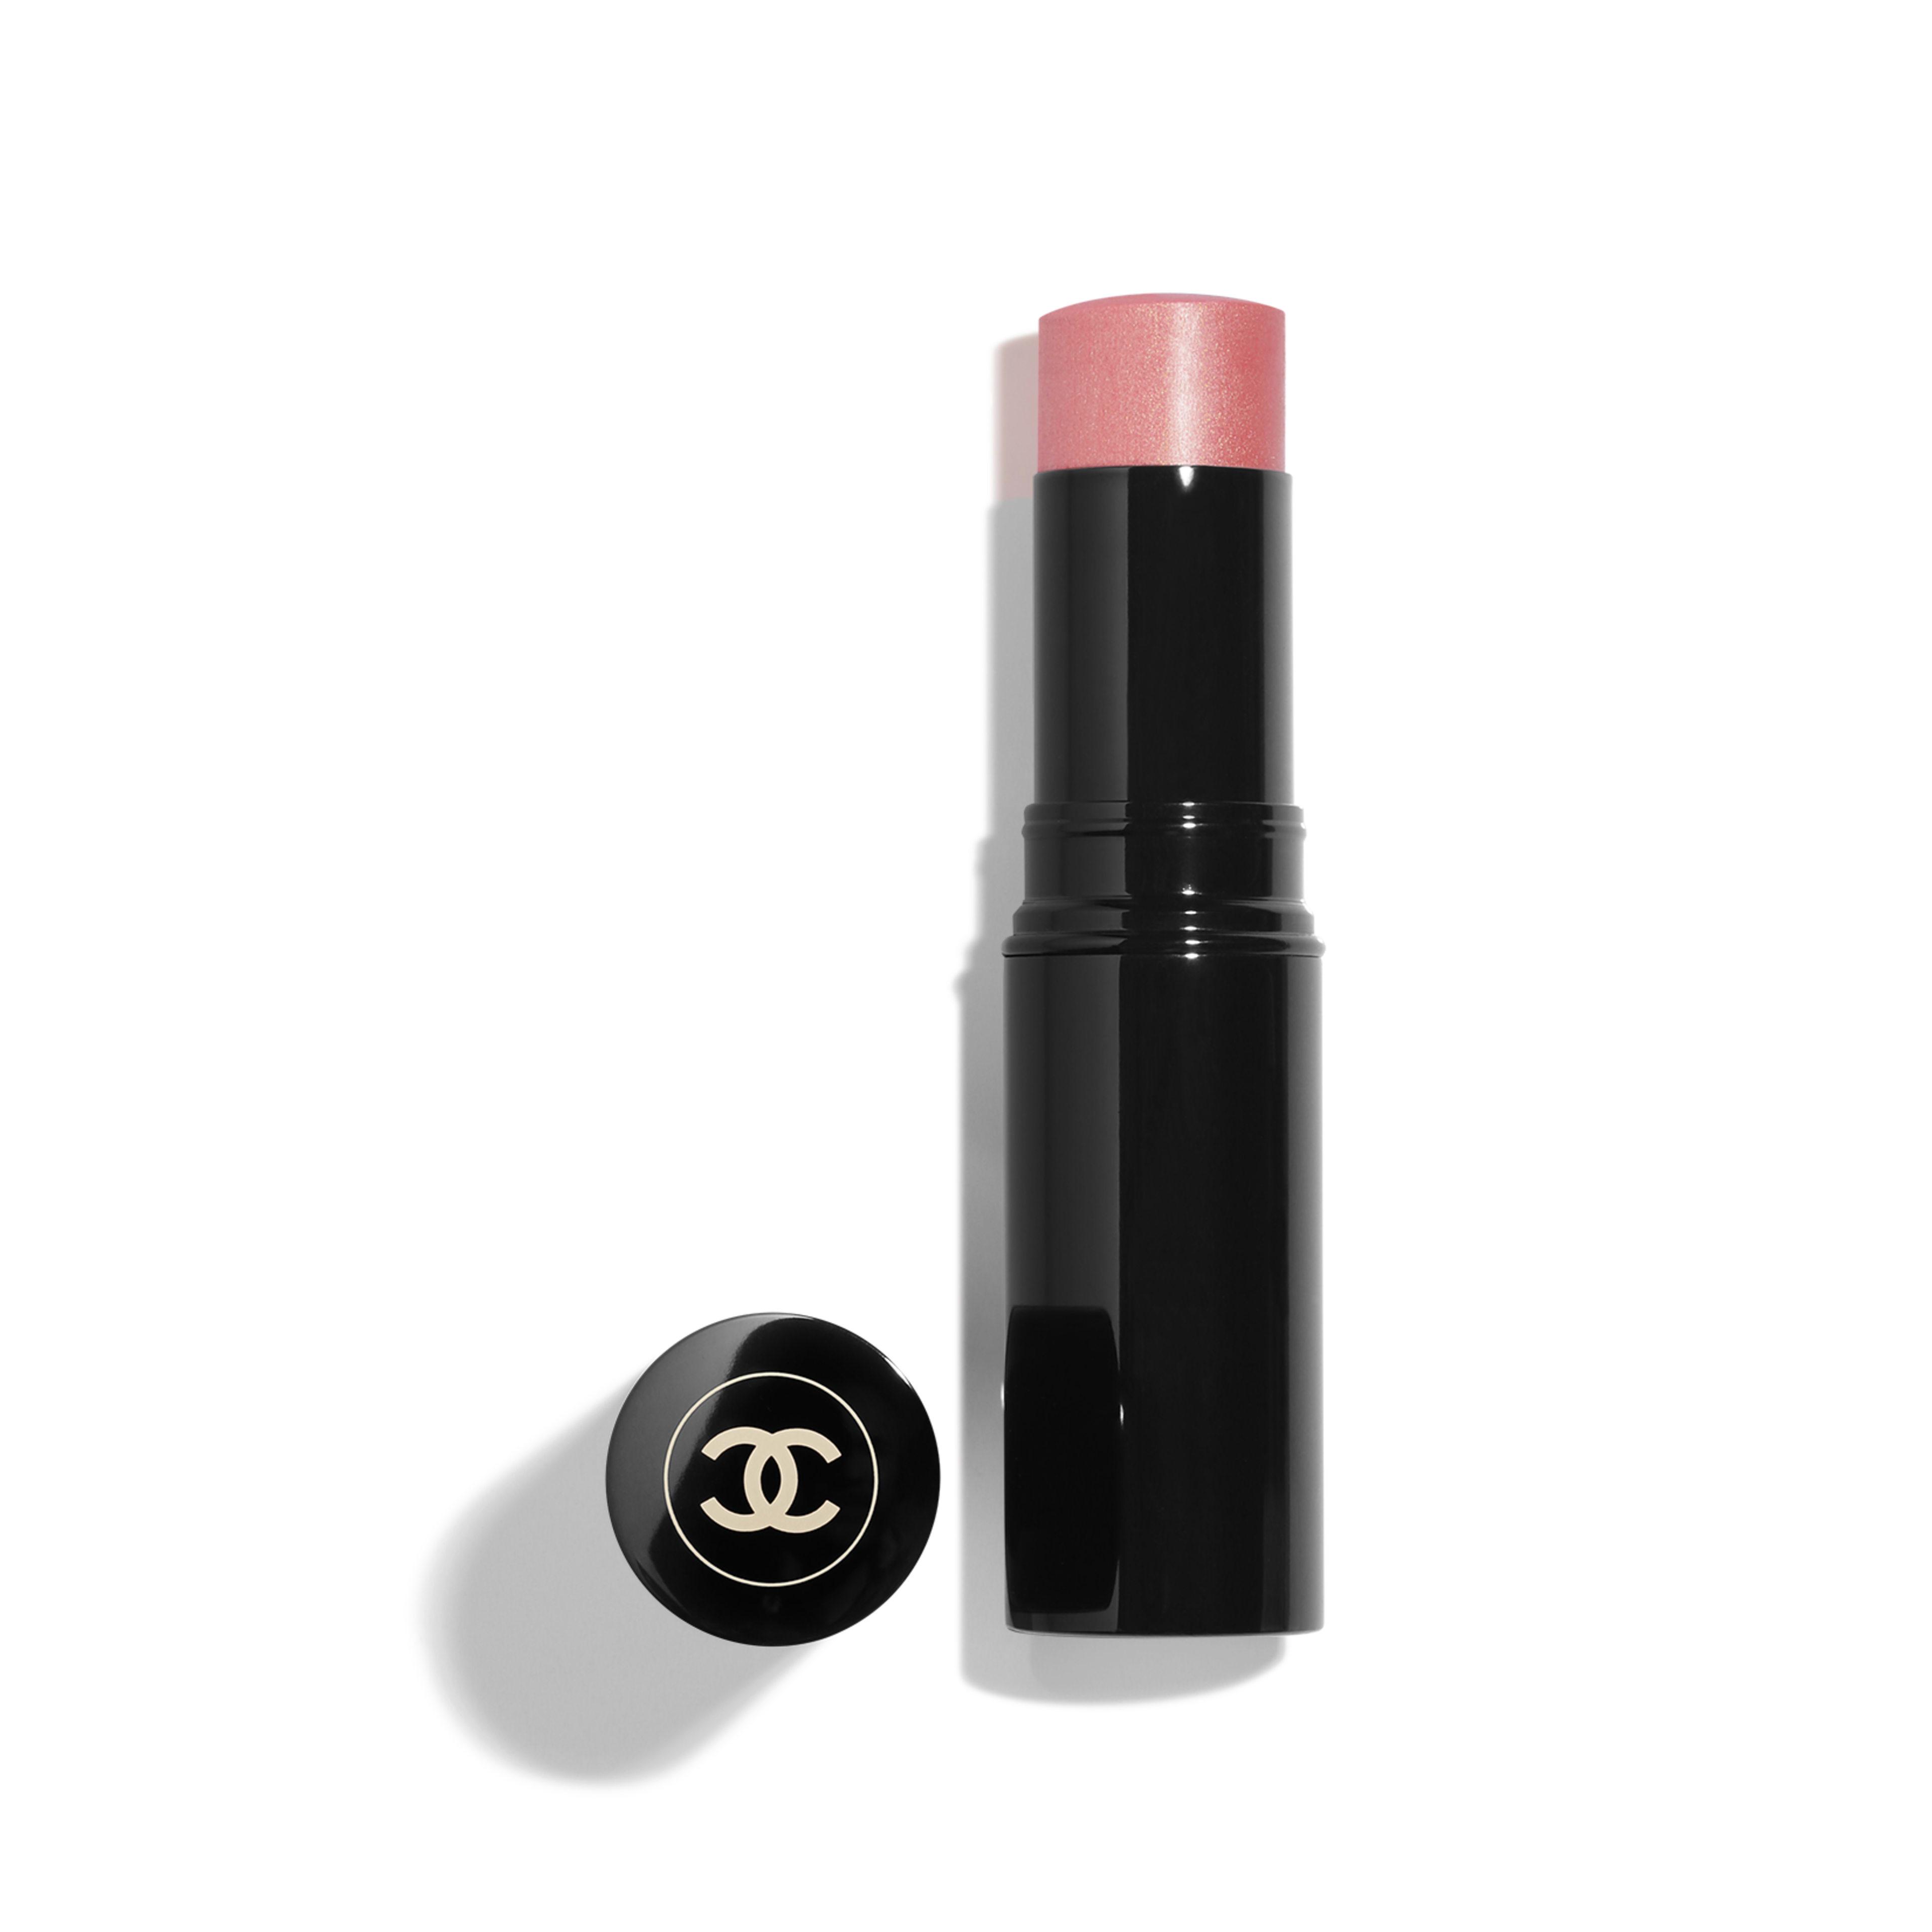 LES BEIGES - makeup - 0.28OZ. - Default view